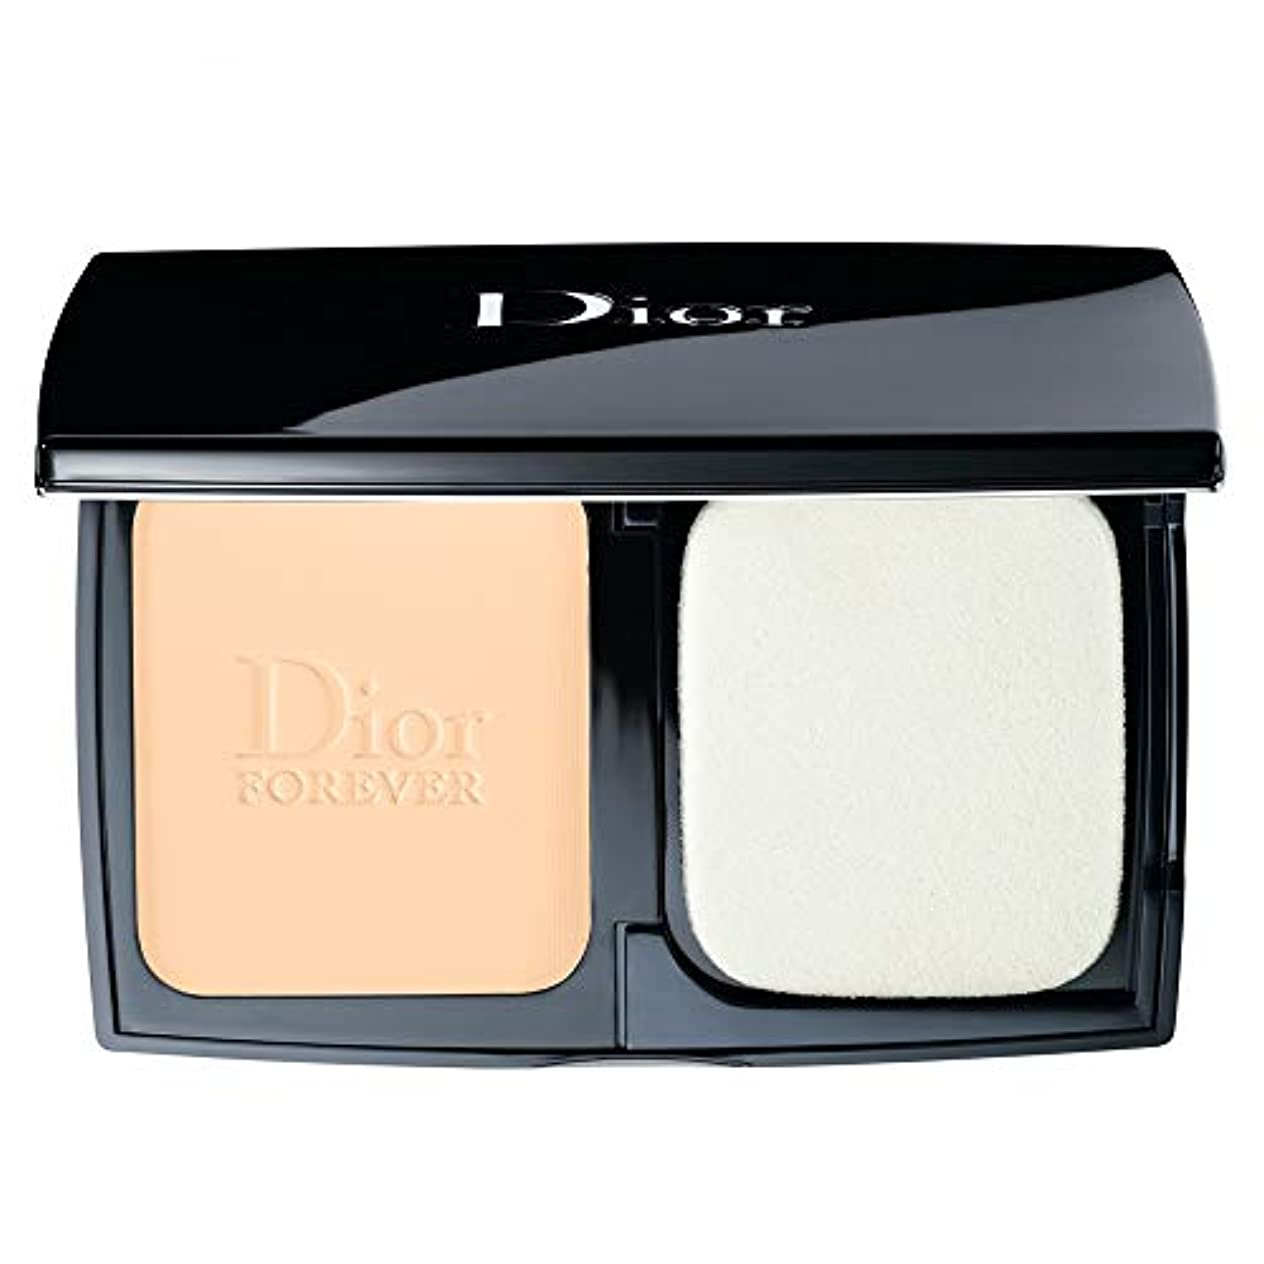 を通して期待して冷蔵するクリスチャンディオール Diorskin Forever Extreme Control Perfect Matte Powder Makeup SPF 20 - # 010 Ivory 9g/0.31oz並行輸入品